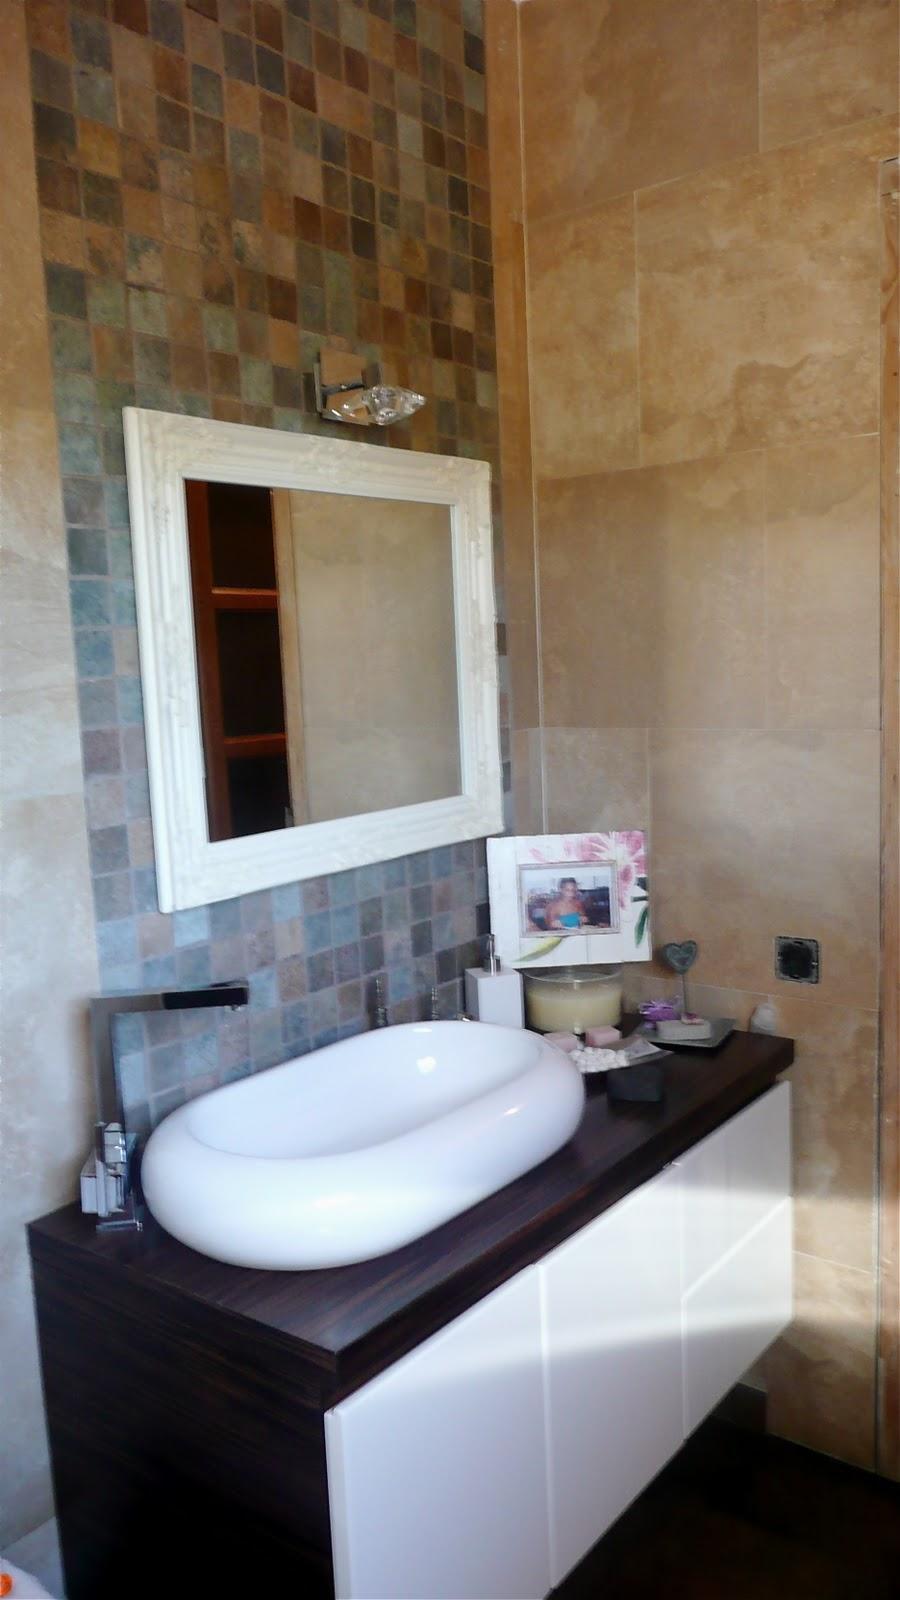 mueble de baño decorado Vista de la zona del mueble de baño con sus